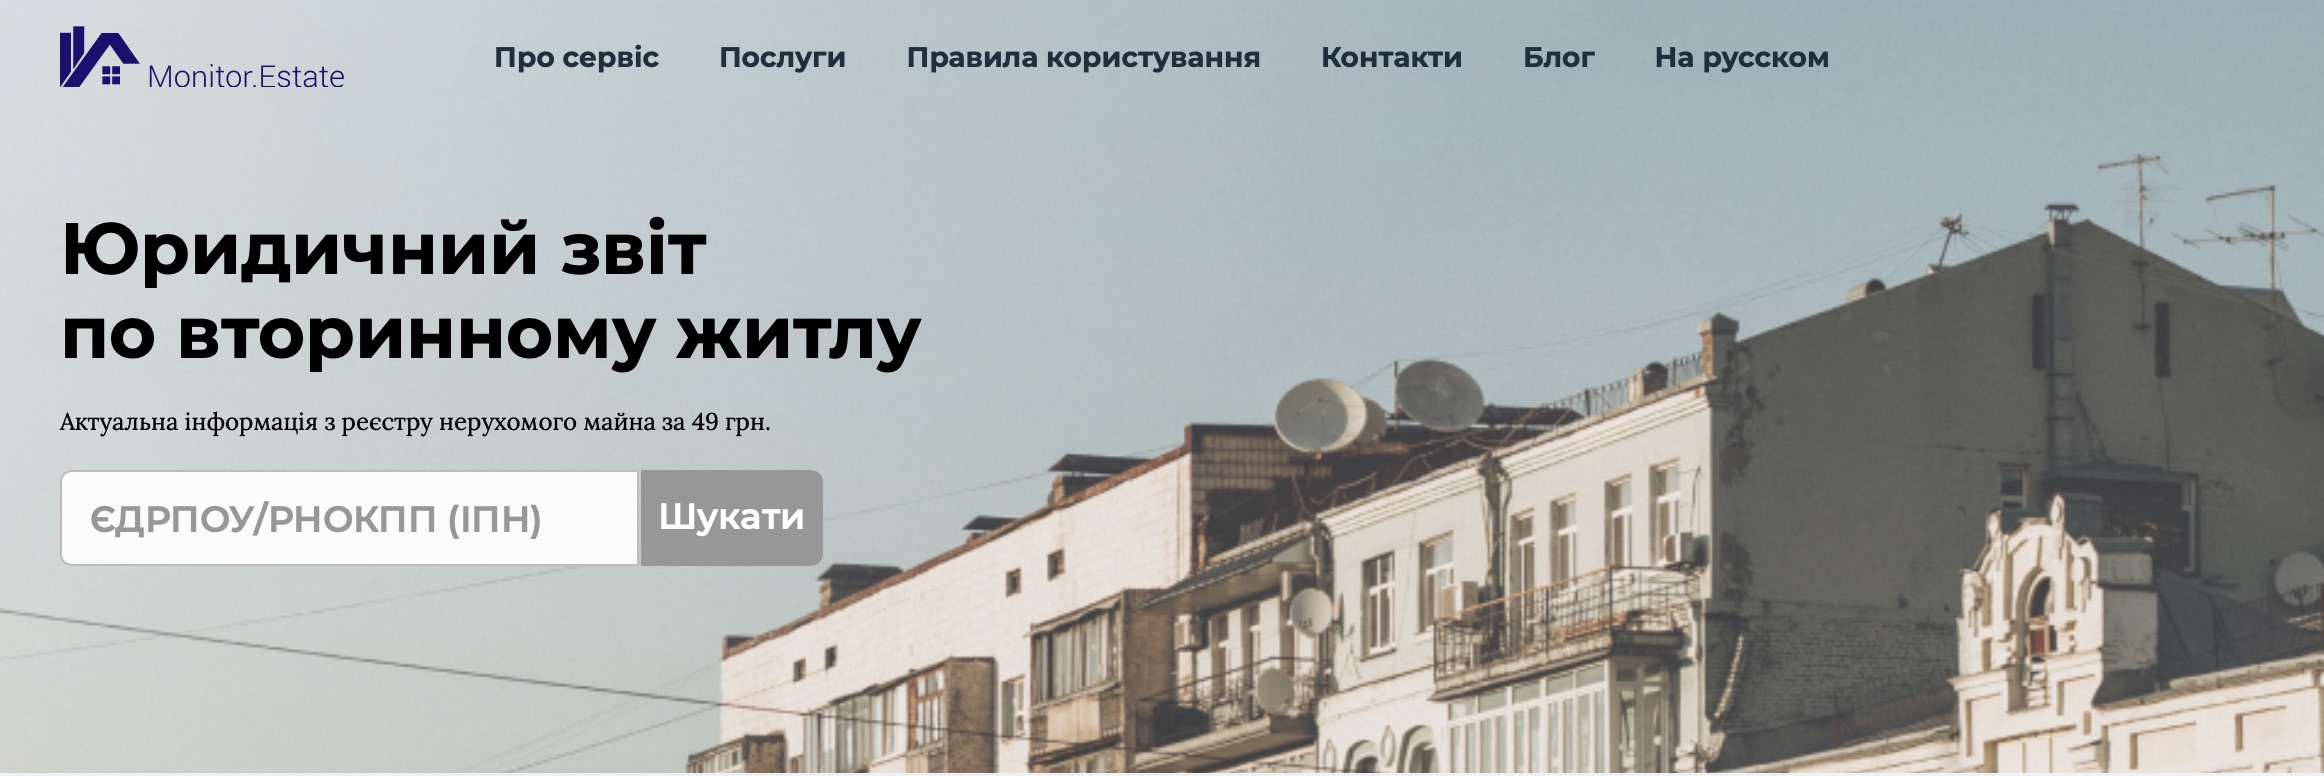 Monitor.Estate вперше в Україні запустив онлайн перевірку вторинної нерухомості